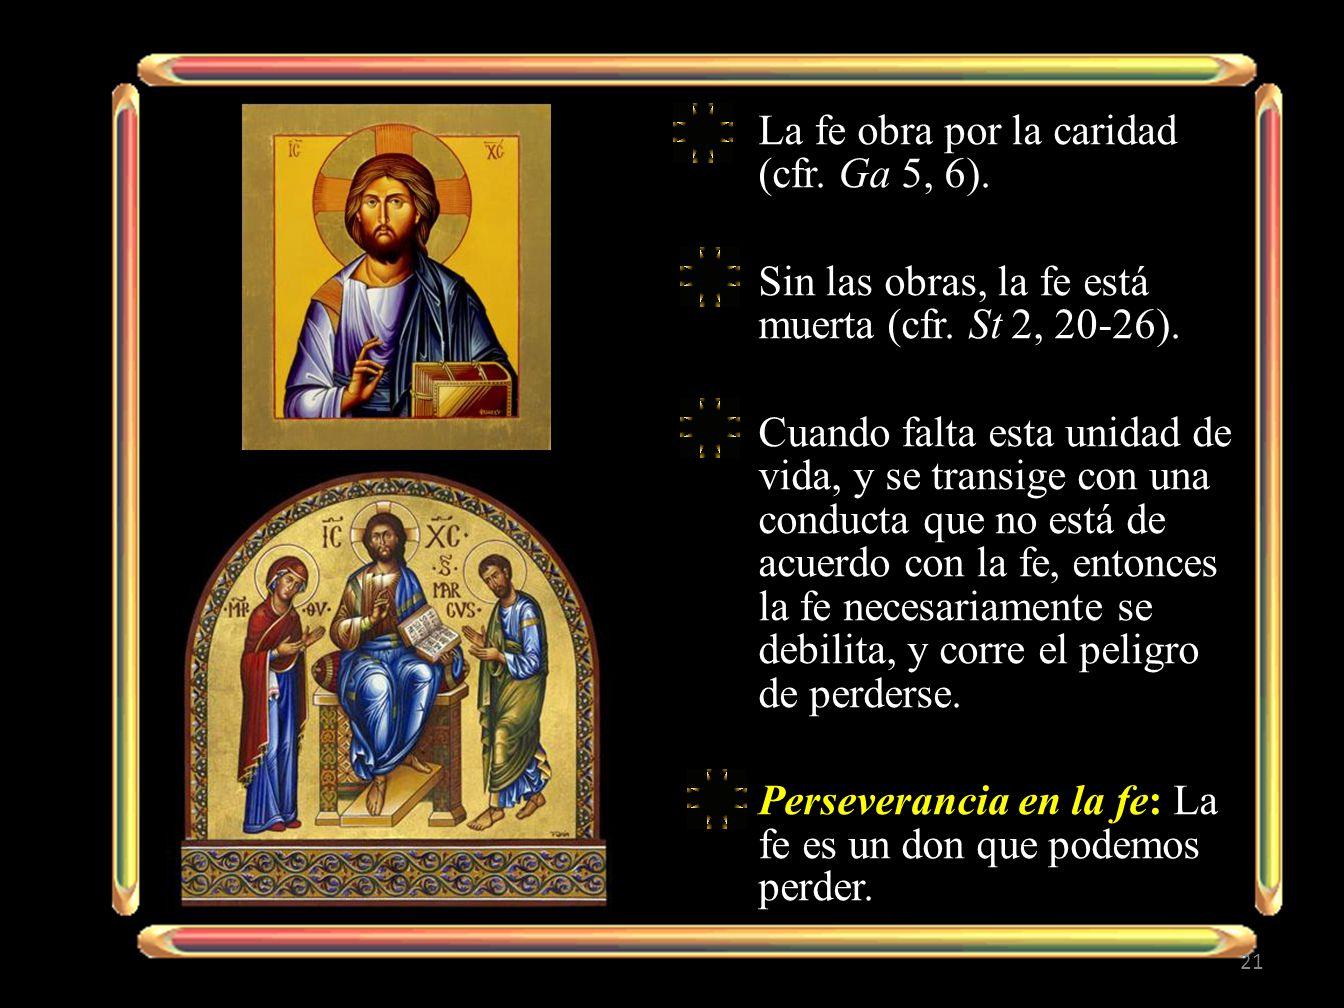 La fe obra por la caridad (cfr. Ga 5, 6). Sin las obras, la fe está muerta (cfr. St 2, 20-26). Cuando falta esta unidad de vida, y se transige con una